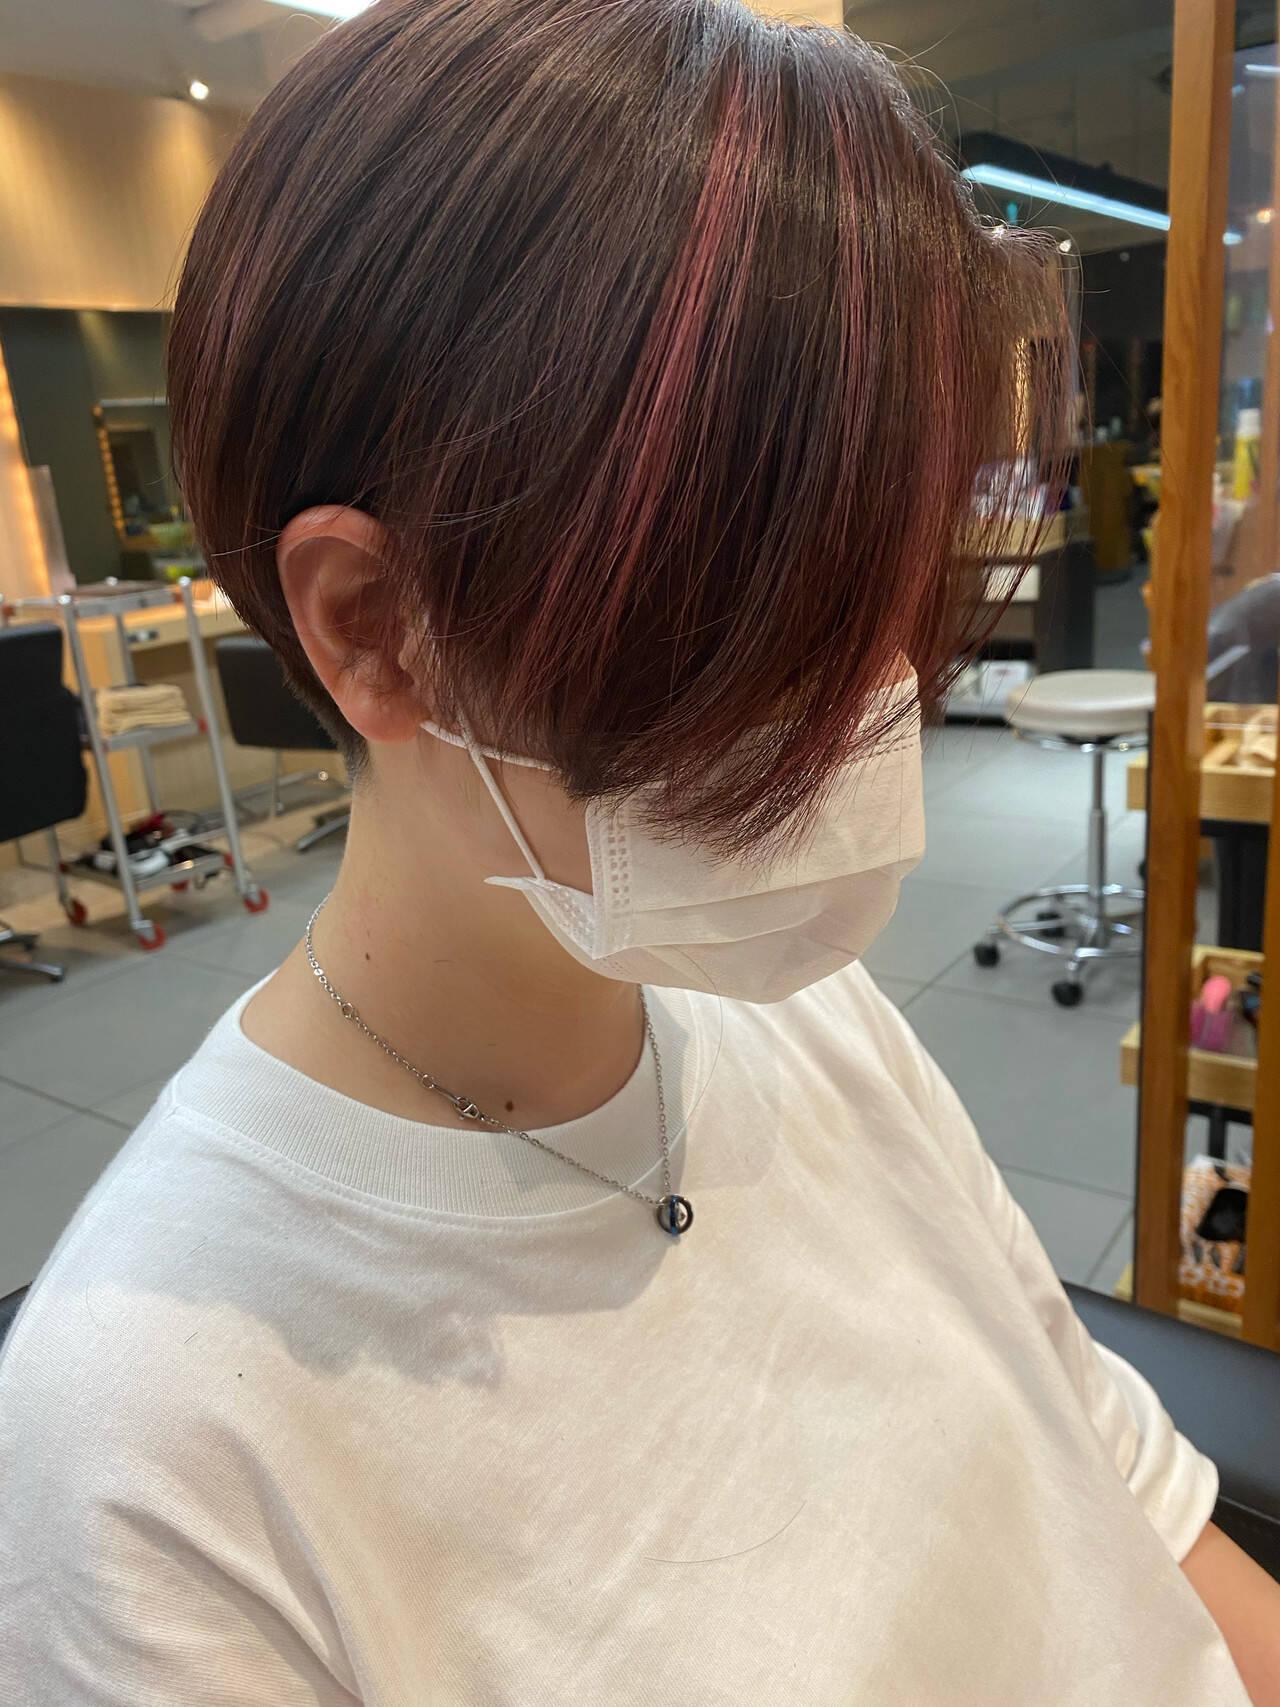 ツーブロック ハイライト ハンサムショート ピンクヘアスタイルや髪型の写真・画像